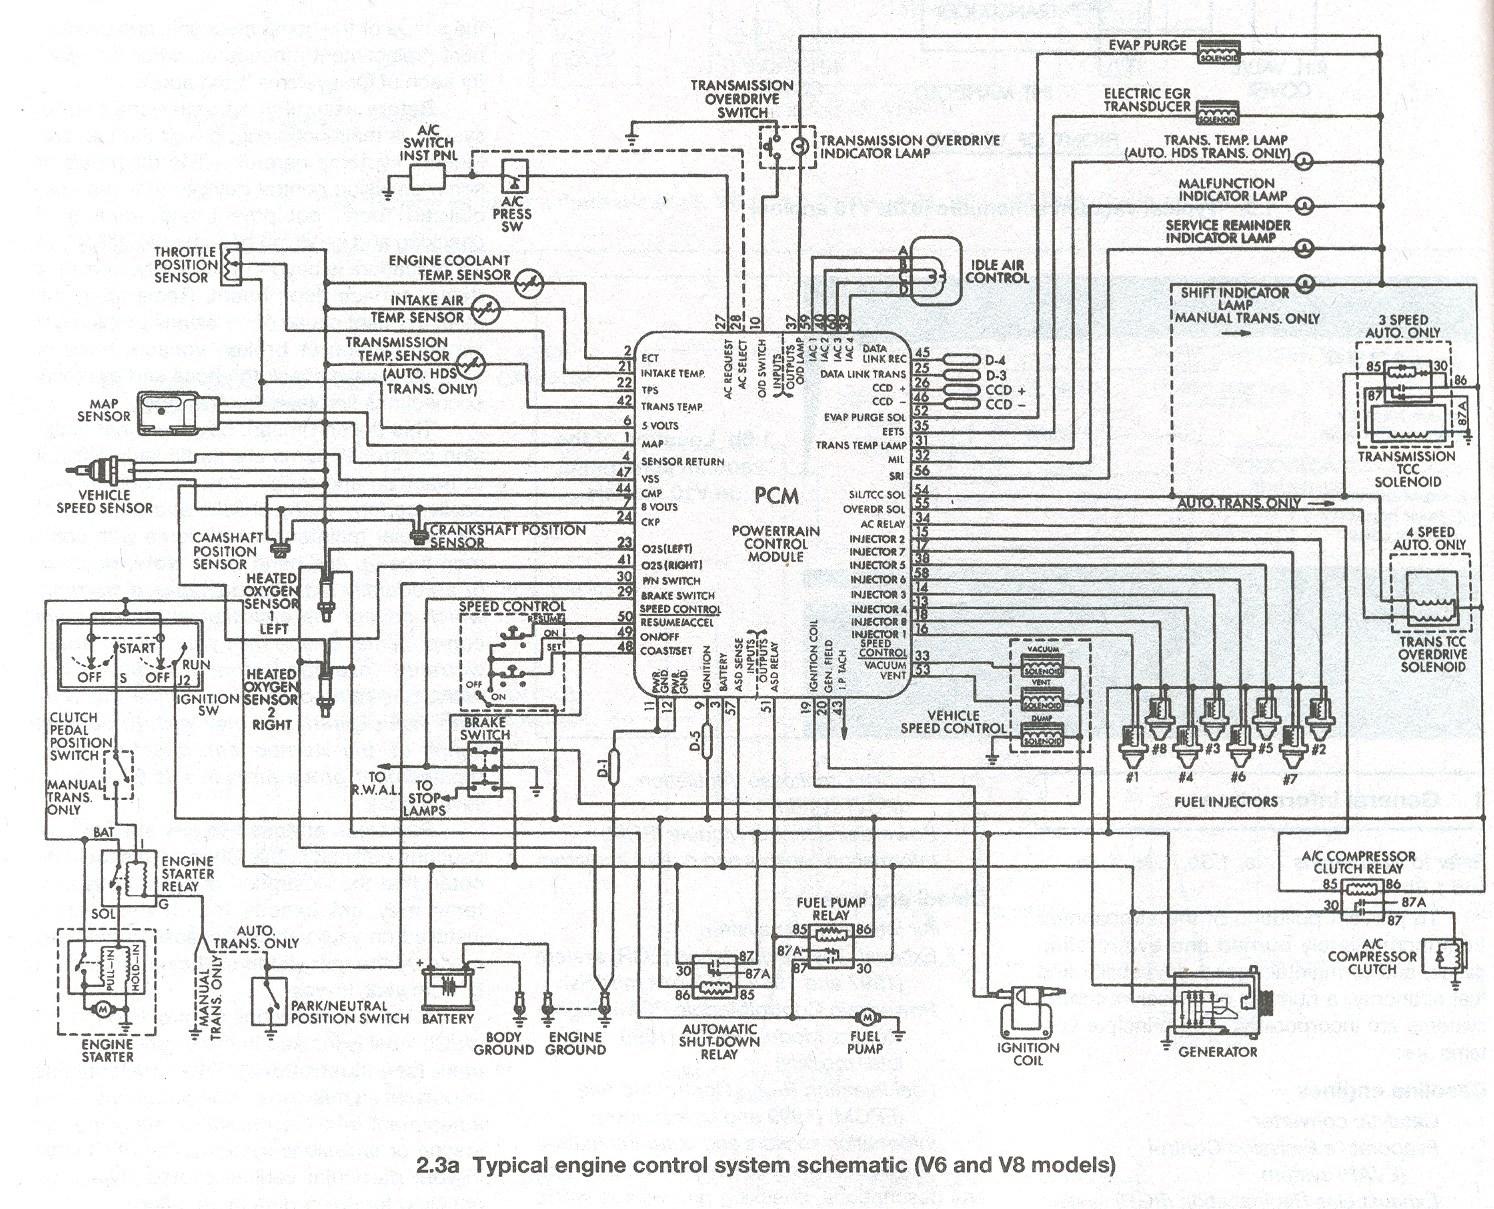 69 Roadrunner Wiring Diagram Horn 57 Chevy Under Dash Wiring For Wiring Diagram Schematics